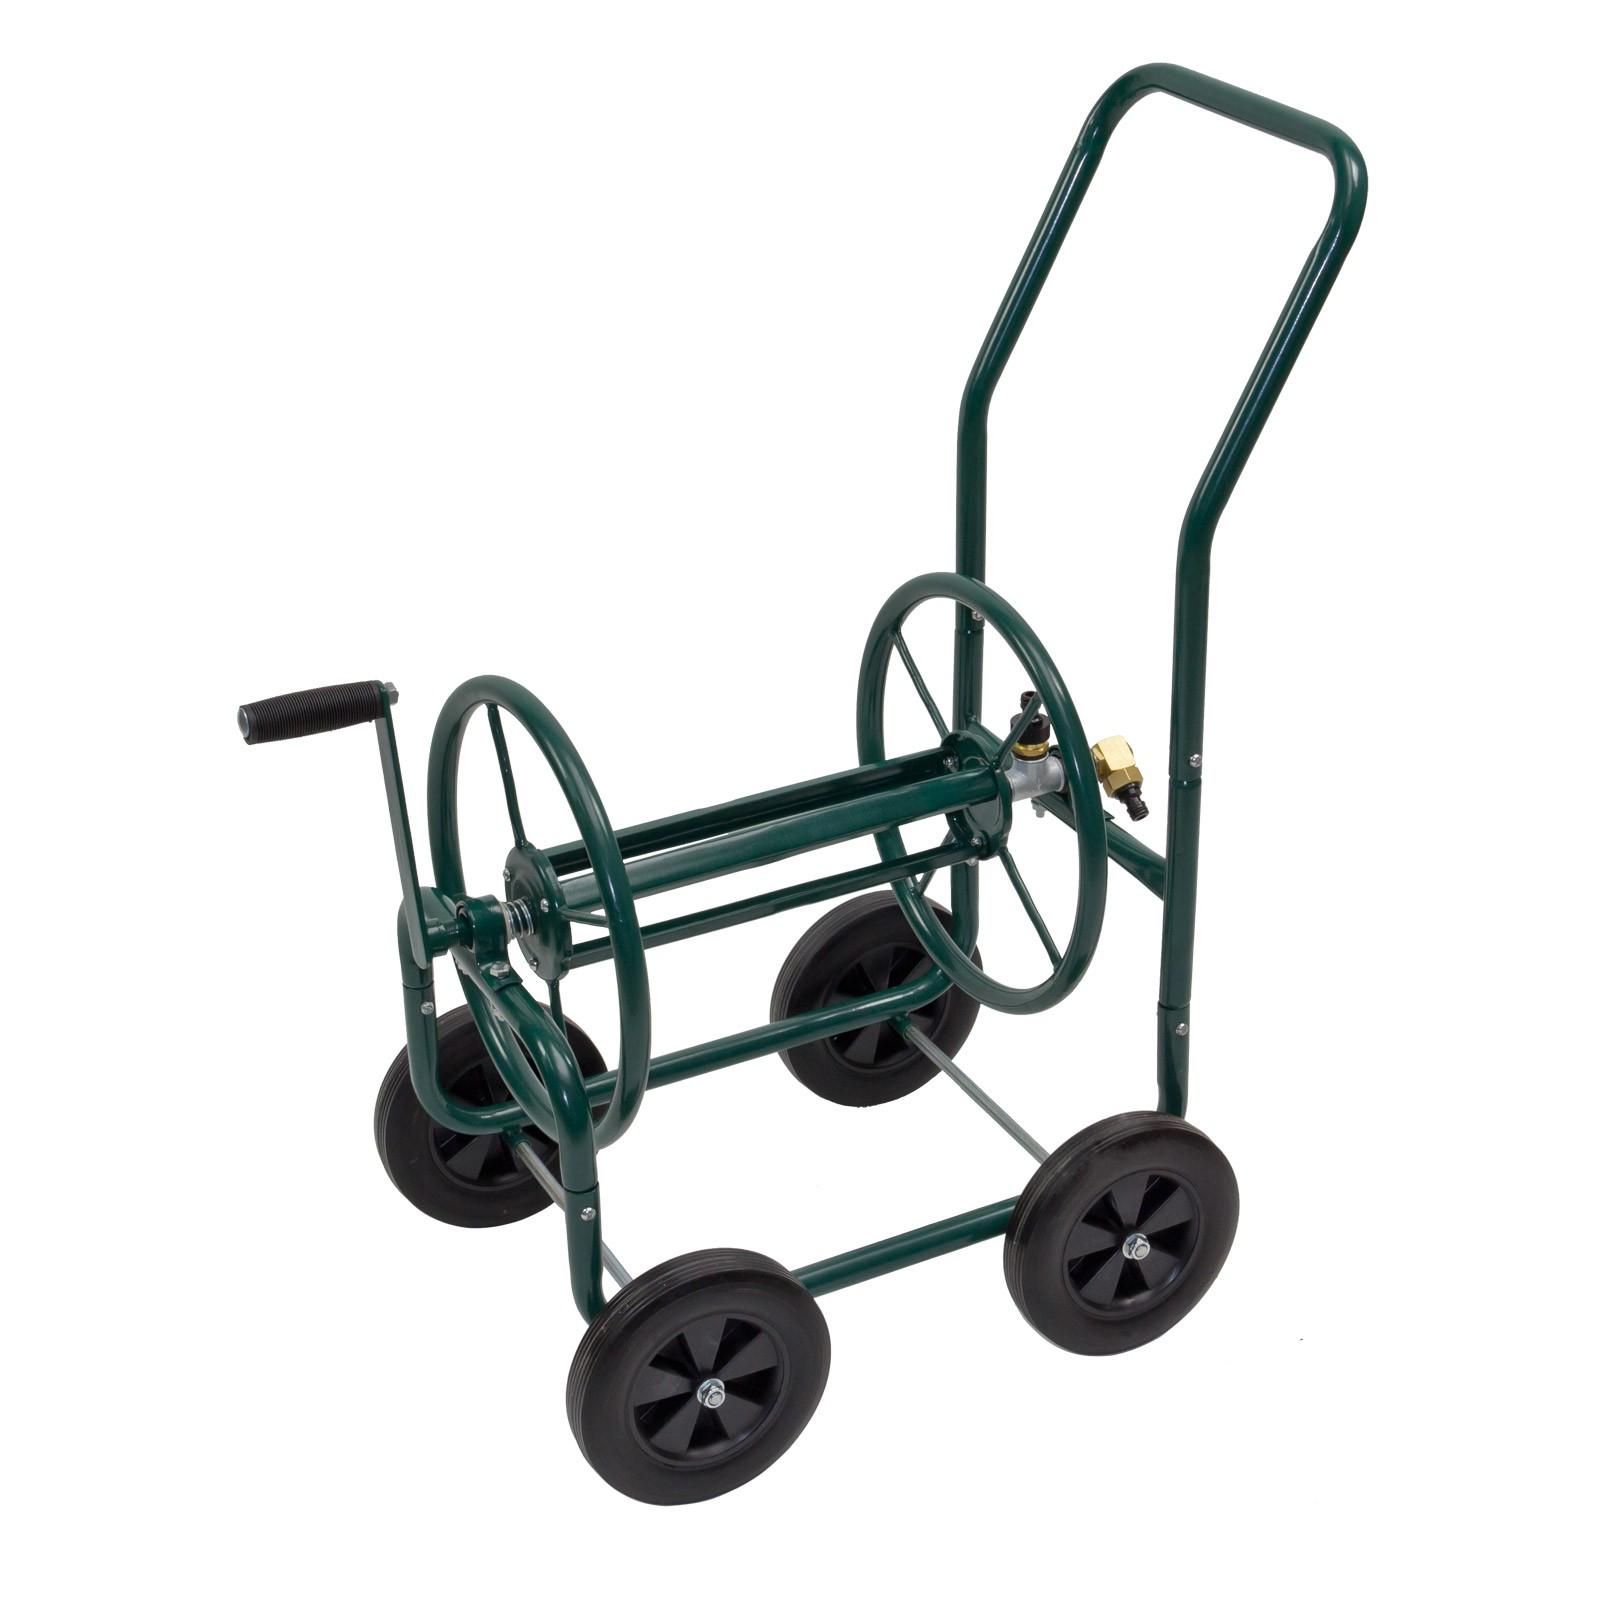 metall schlauchwagen xl sw90 ohne schlauch f r gartenschlauch. Black Bedroom Furniture Sets. Home Design Ideas